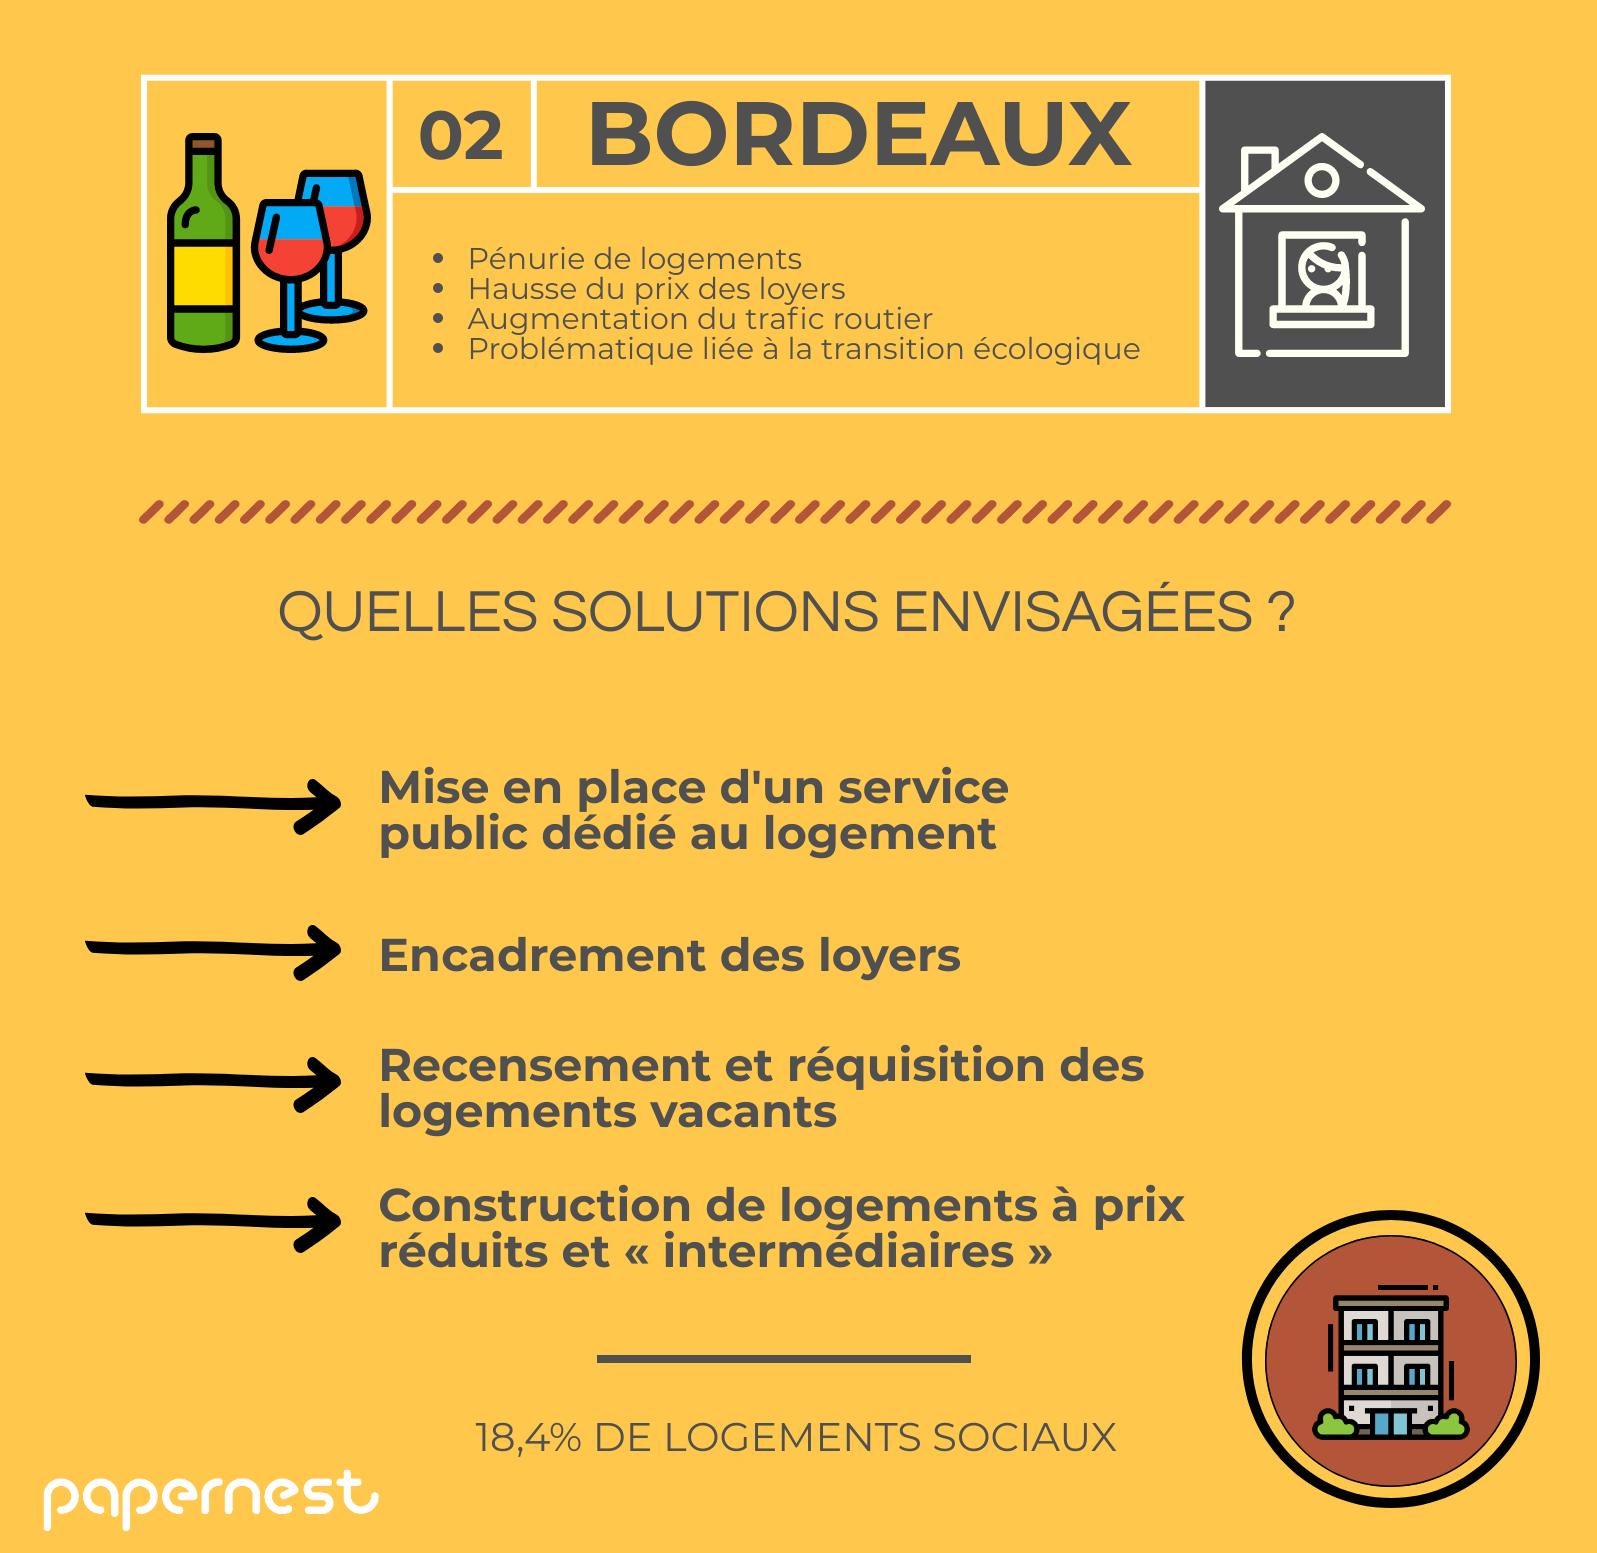 Logement Bordeaux élections municipales 2020 infographie